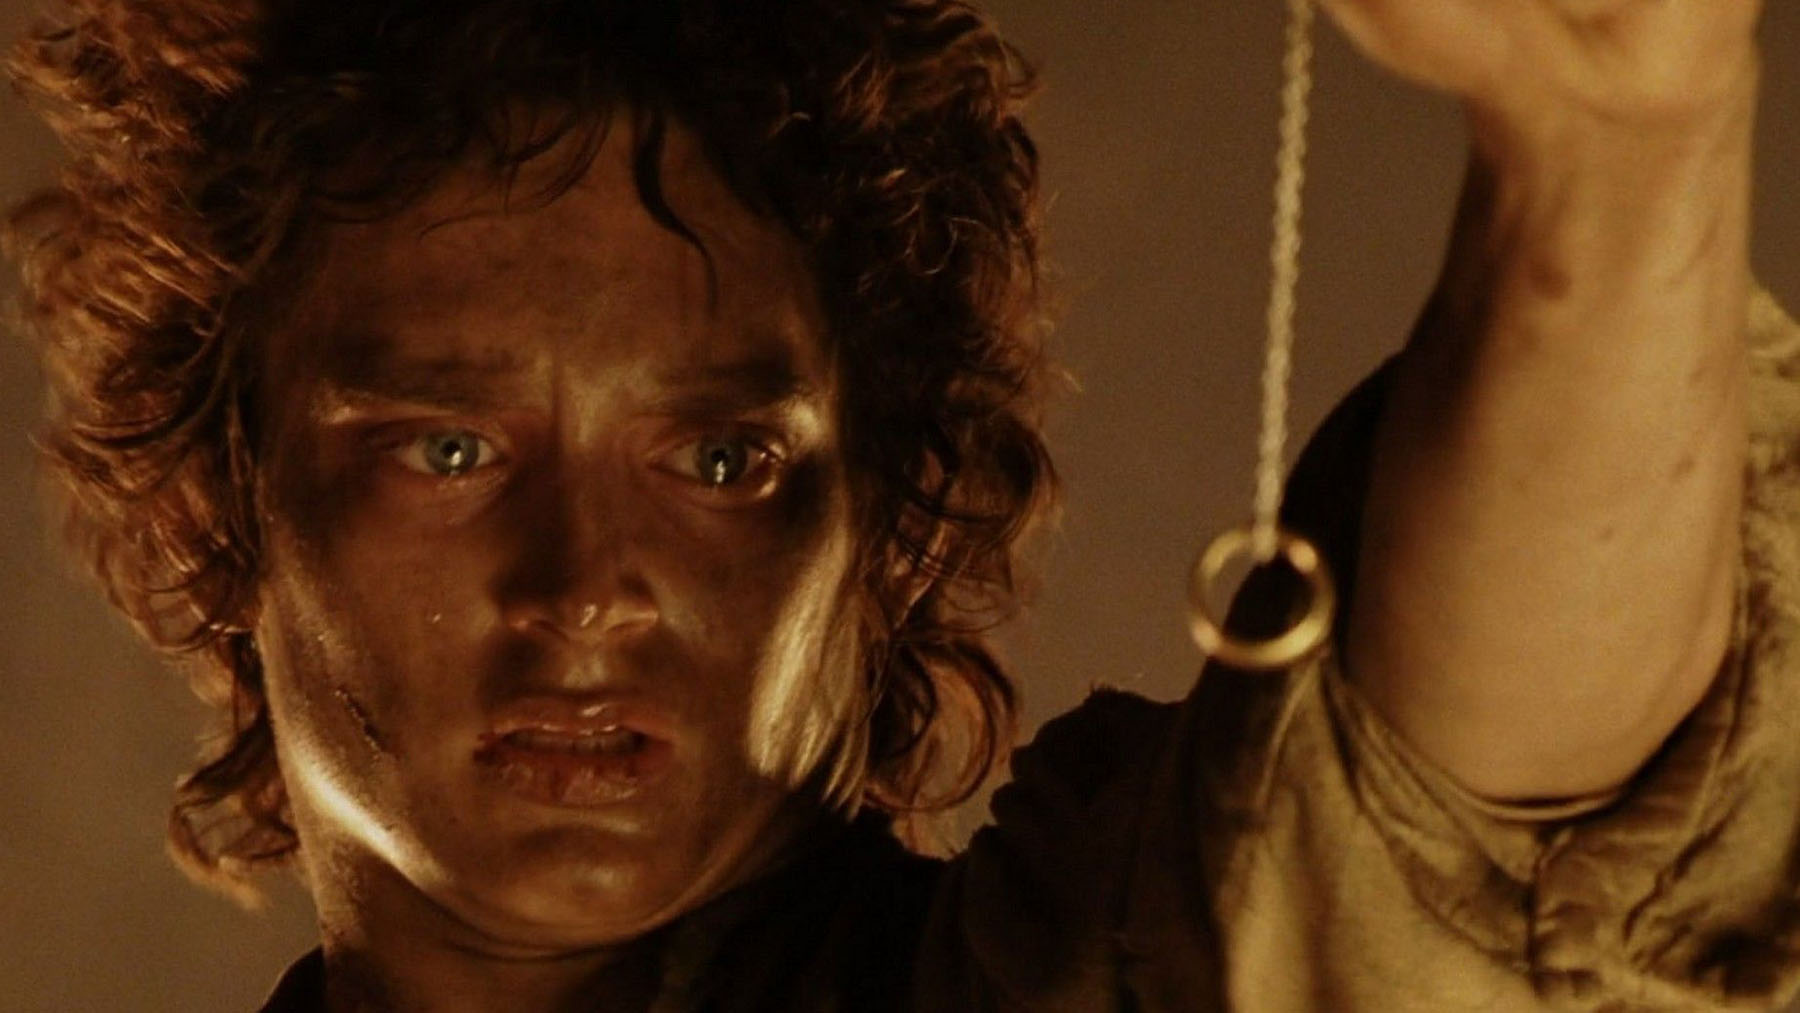 «El Señor de los Anillos: El retorno del Rey» (New Line Cinema)